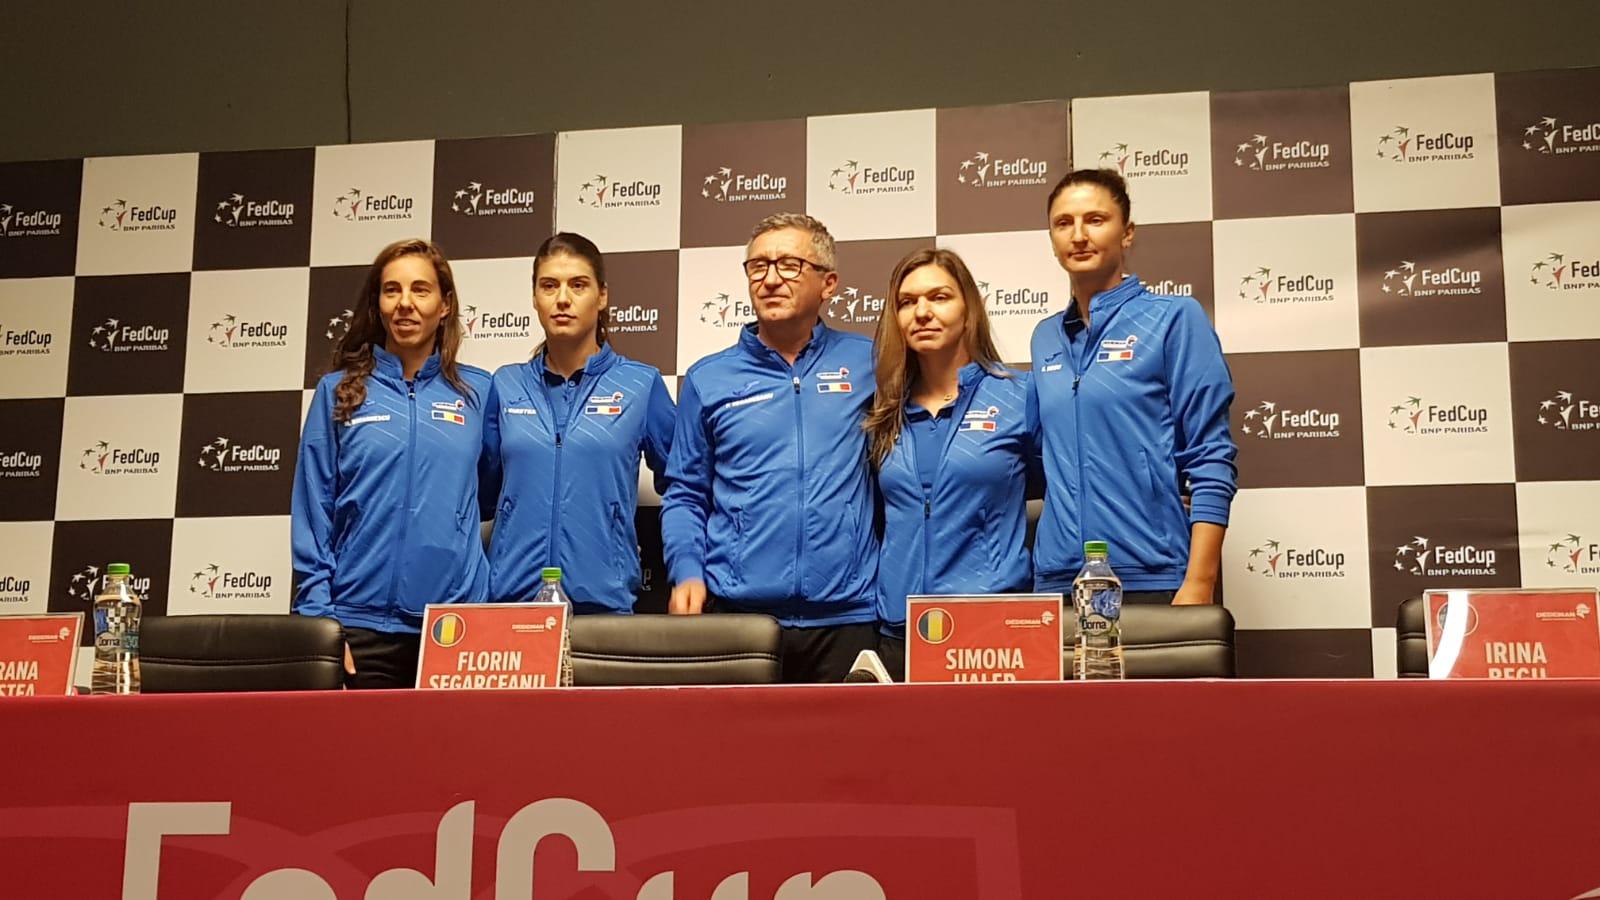 Simona Halep va deschide confruntarea cu Elveția în meciul de Fed Cup de la Cluj-Napoca